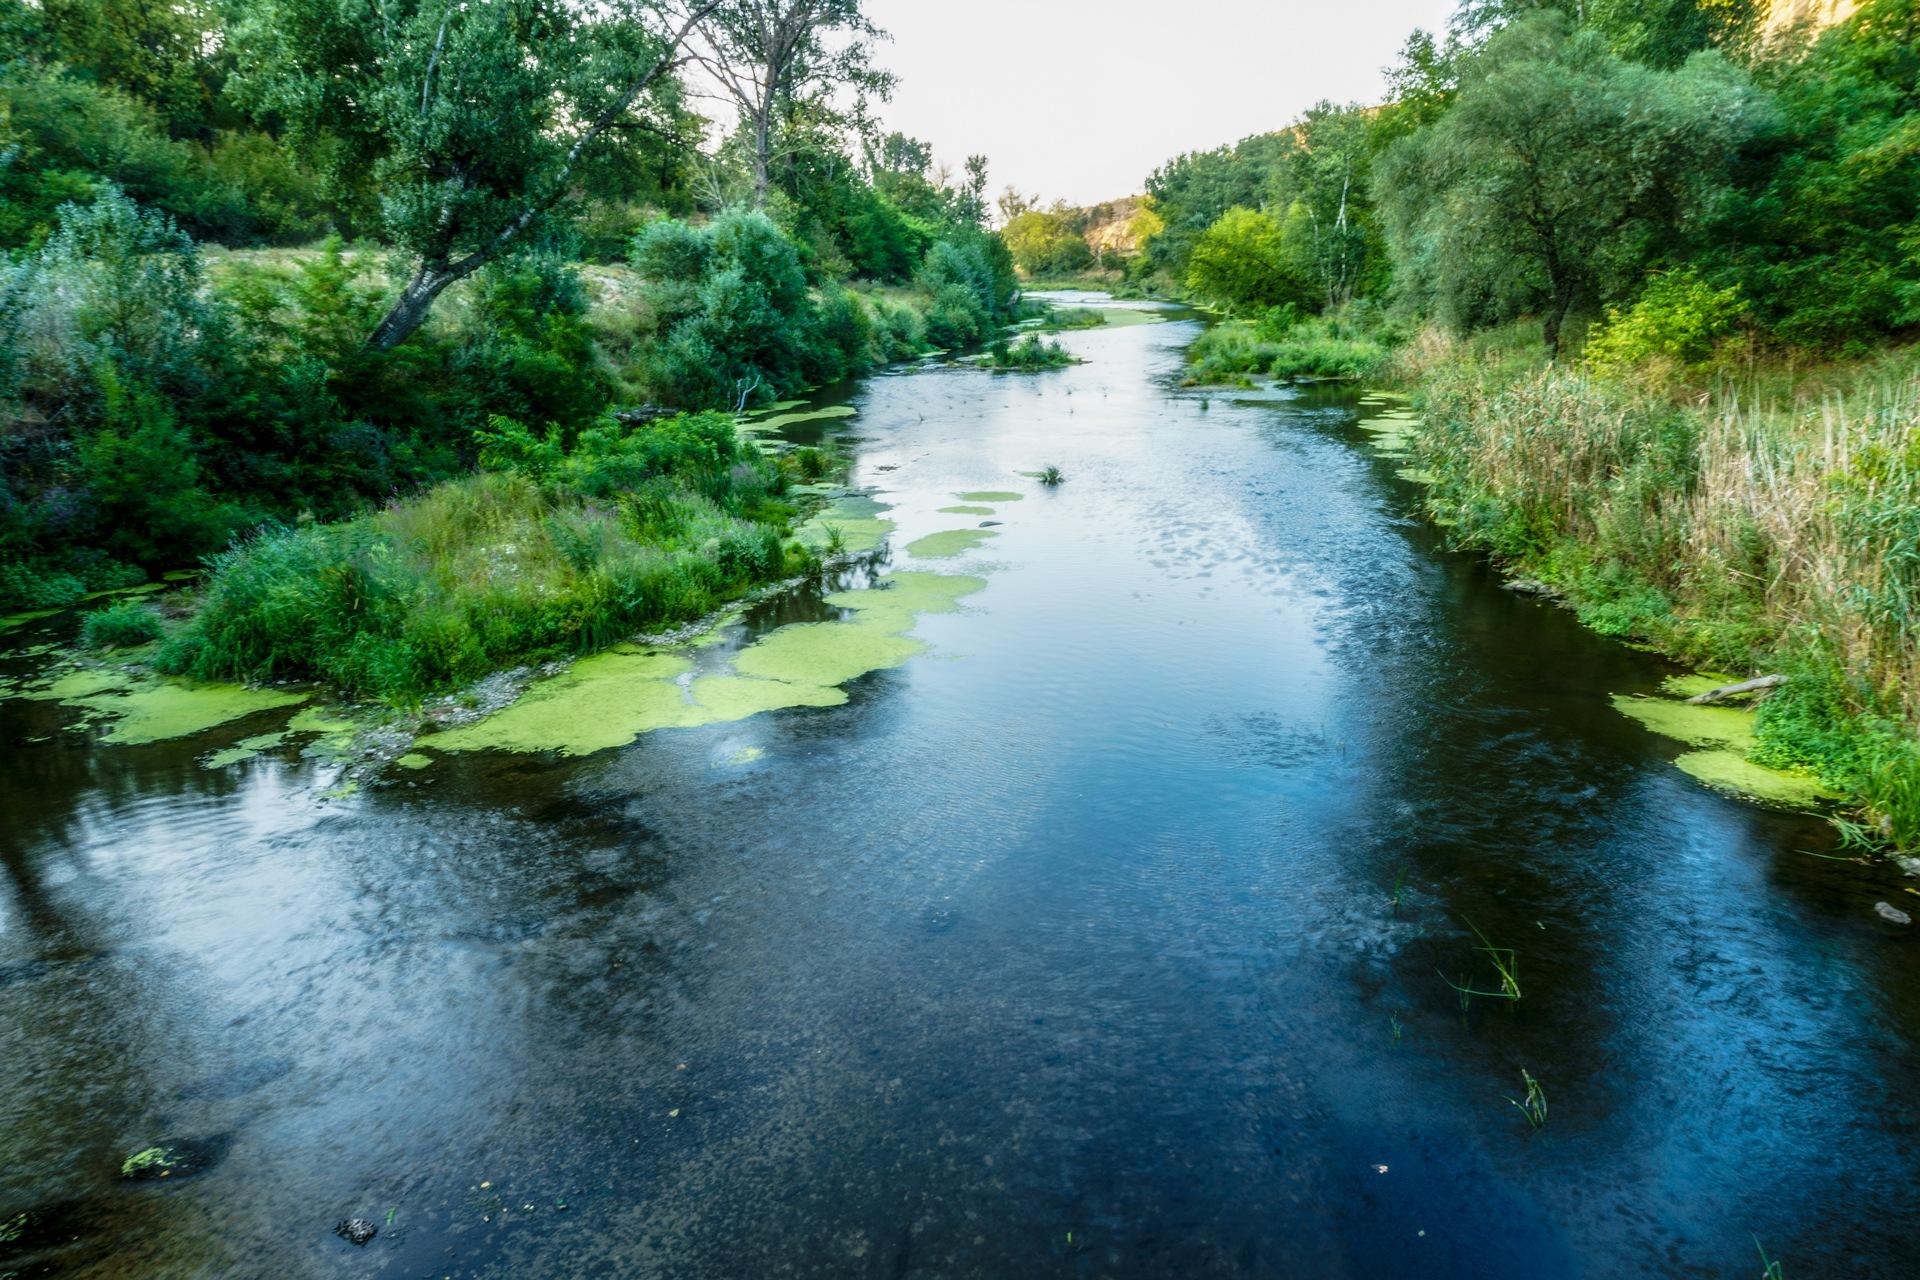 Summer river by Venelin Todorov